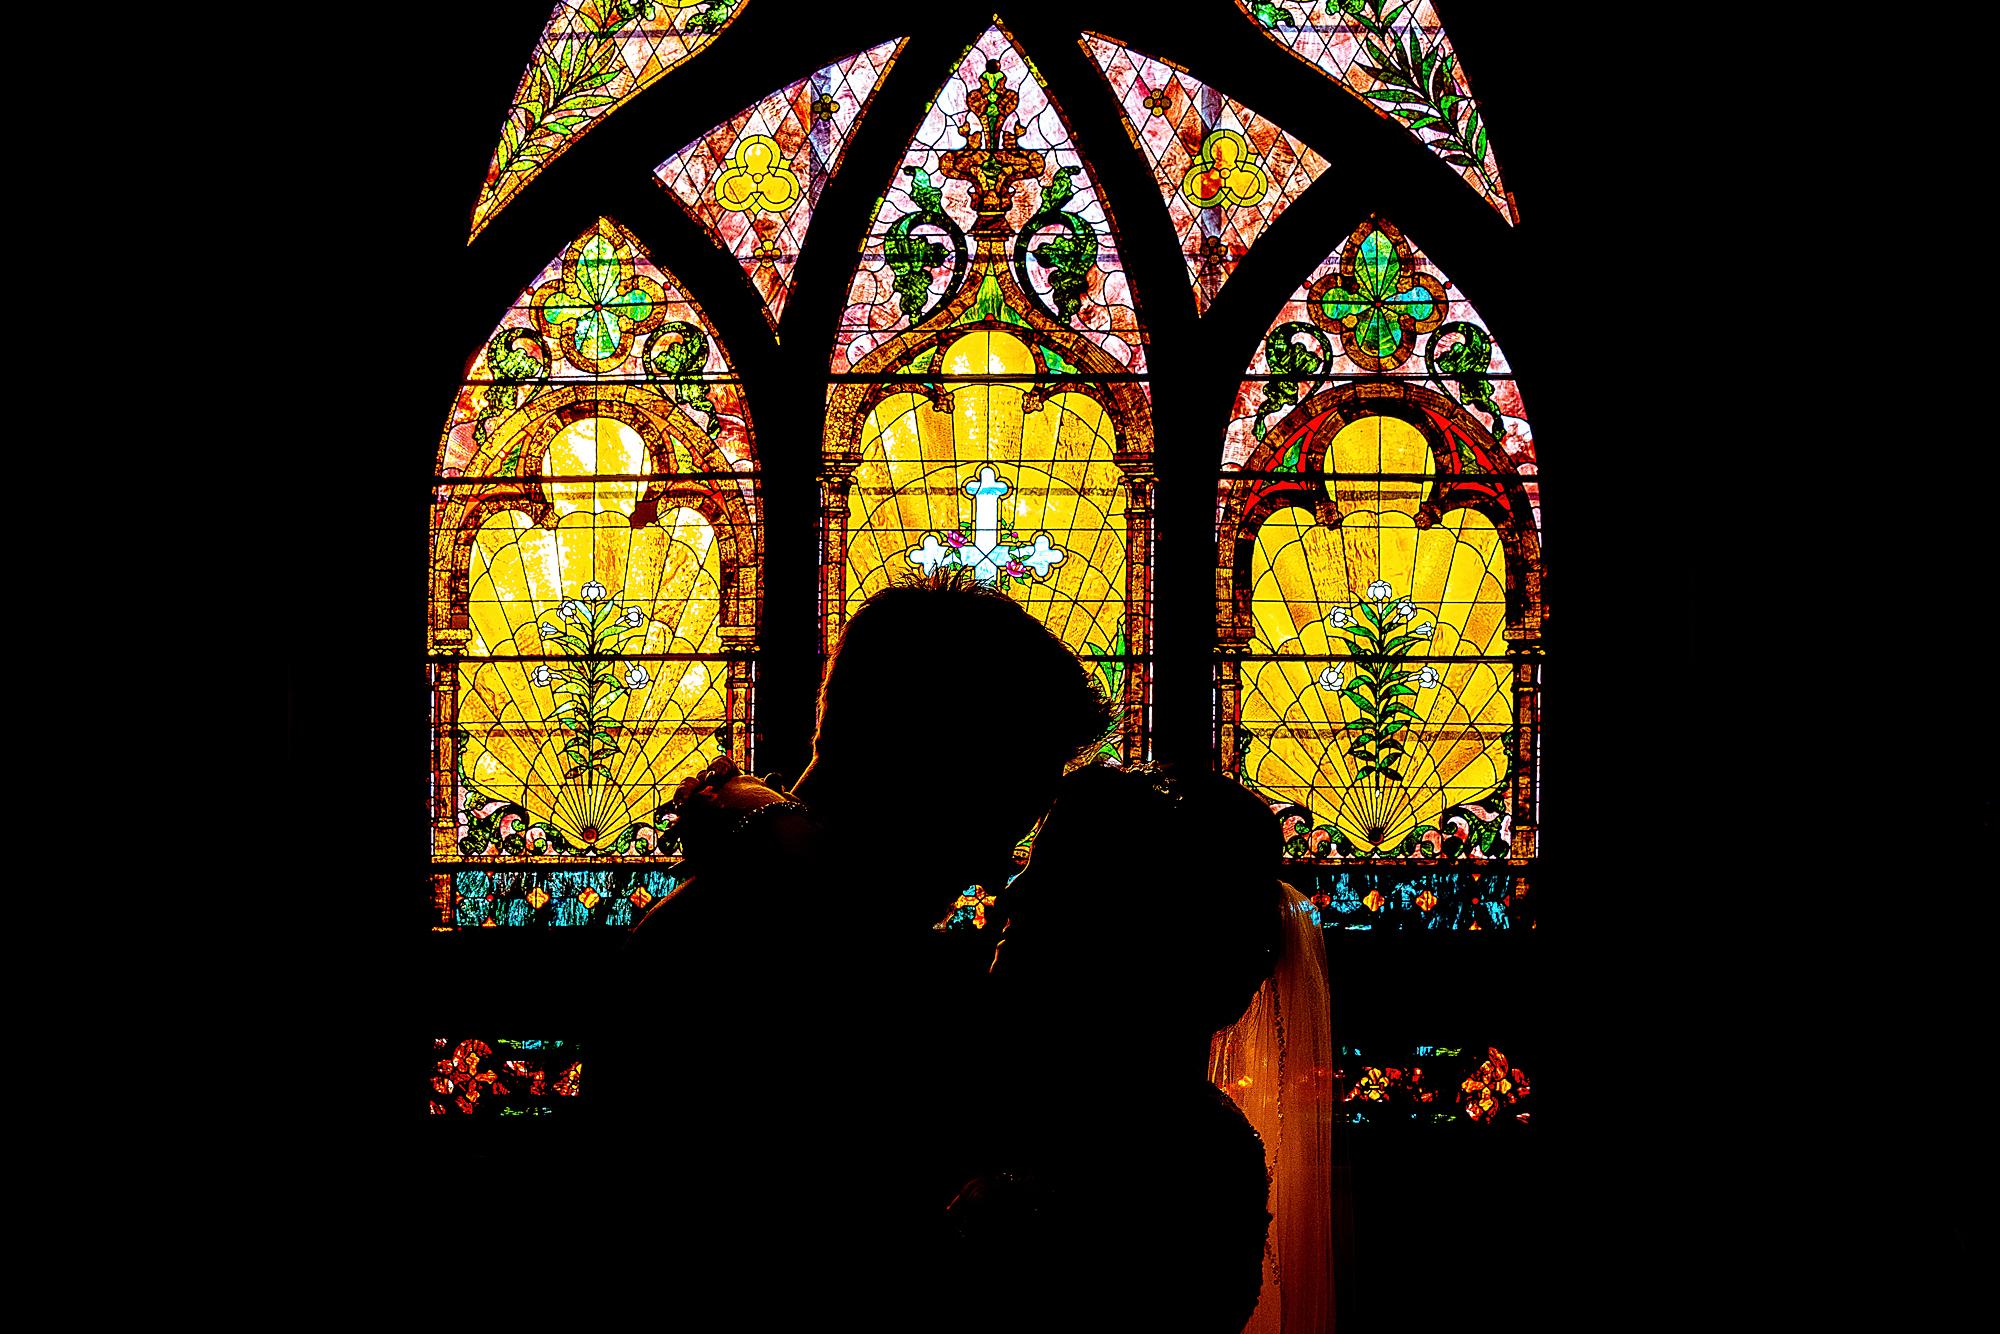 Trinity-Episcopal-Church-Covington-KY-Wedding-Photographer-3.jpg